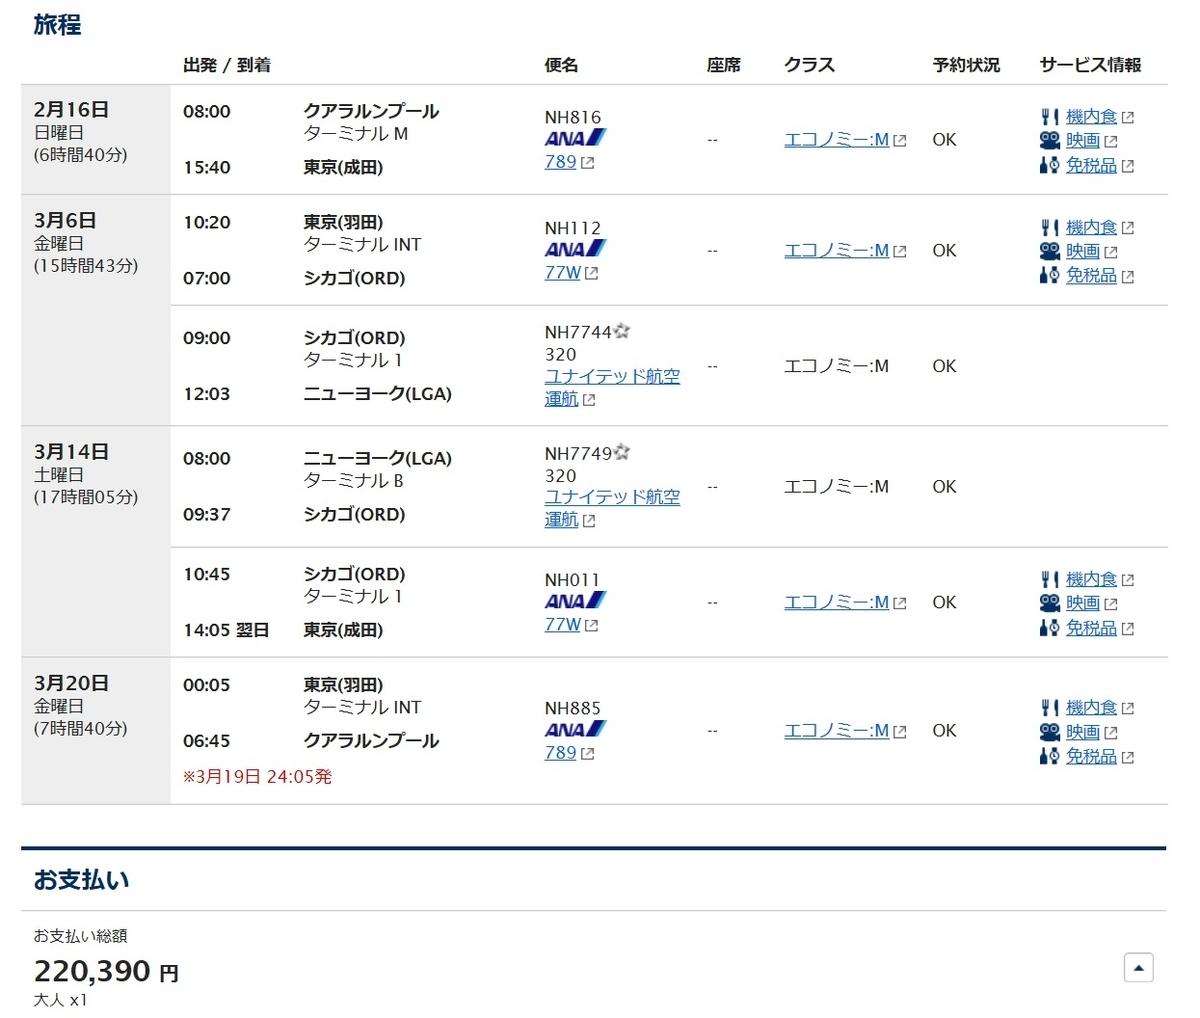 f:id:morikuma_8010:20190705012553j:plain